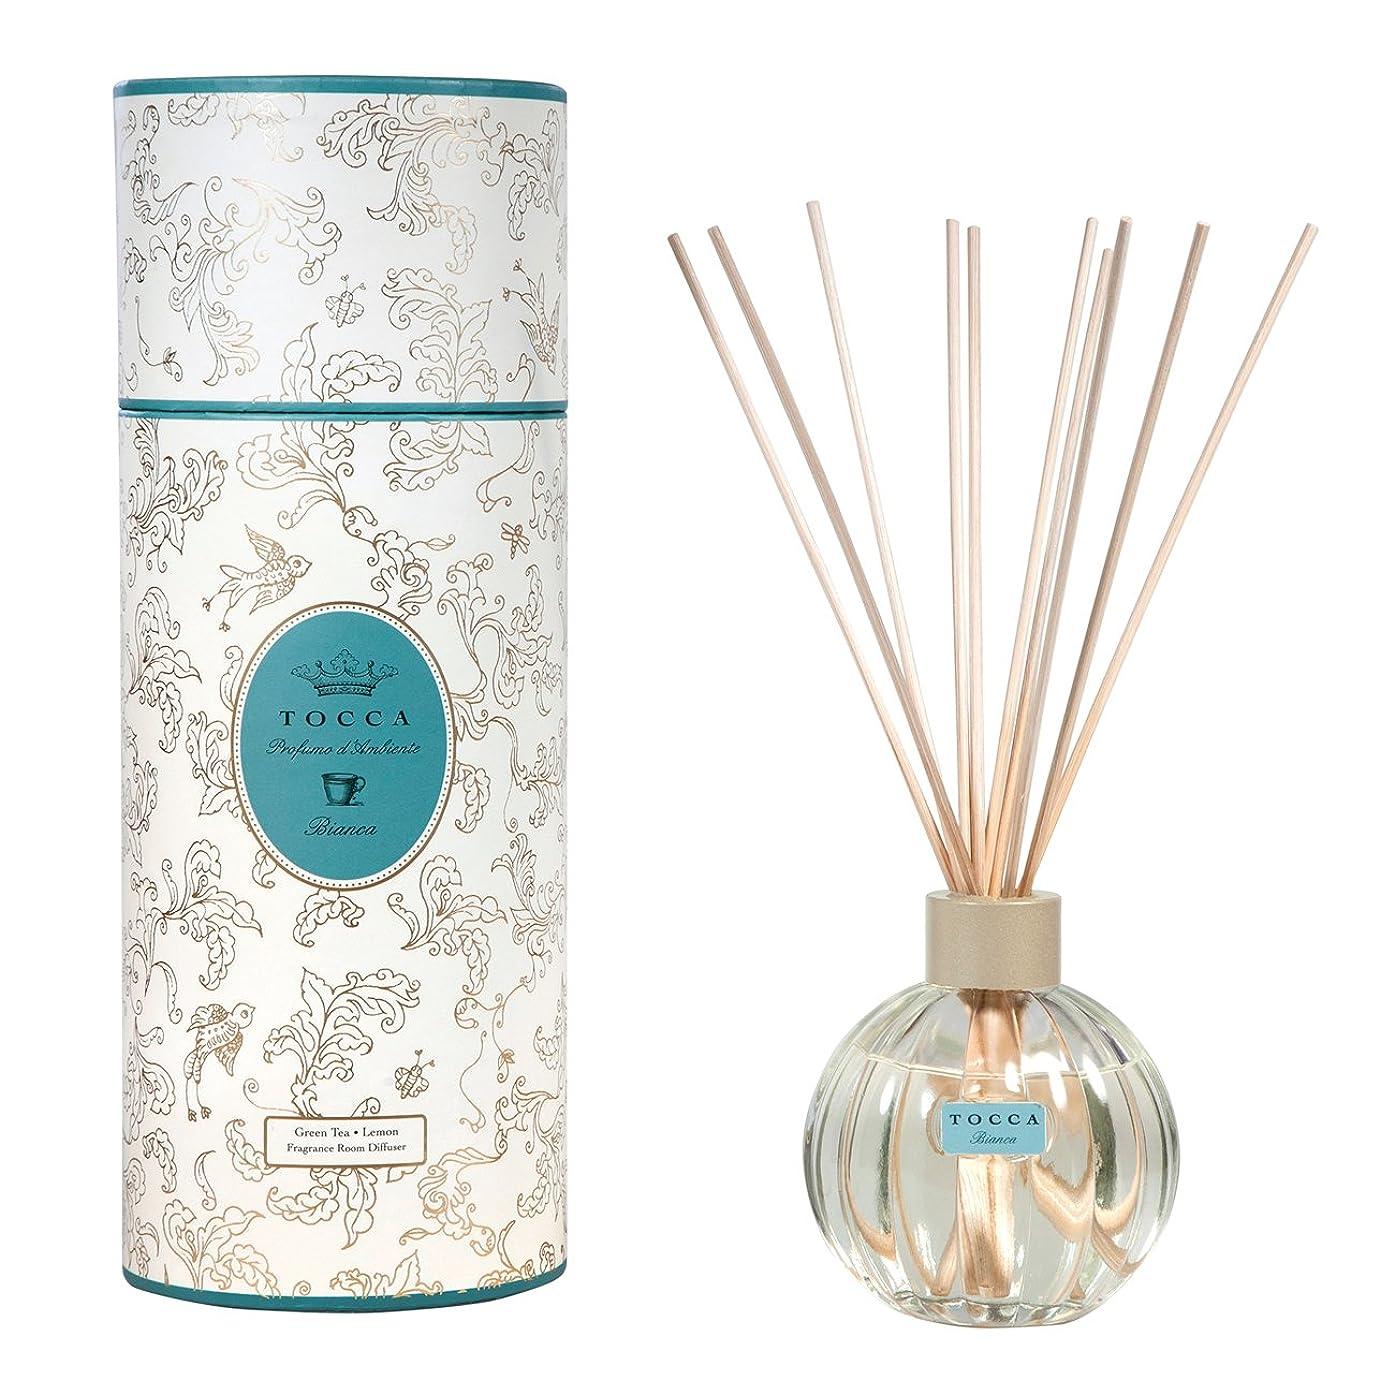 音声学軸カロリートッカ(TOCCA) リードディフューザー ビアンカの香り 175ml 3~4ヶ月持続(芳香剤 ルームフレグランス シトラスとグリーンティー、ローズが絶妙に溶け合ったほのかに甘さ漂うフレッシュな香り)